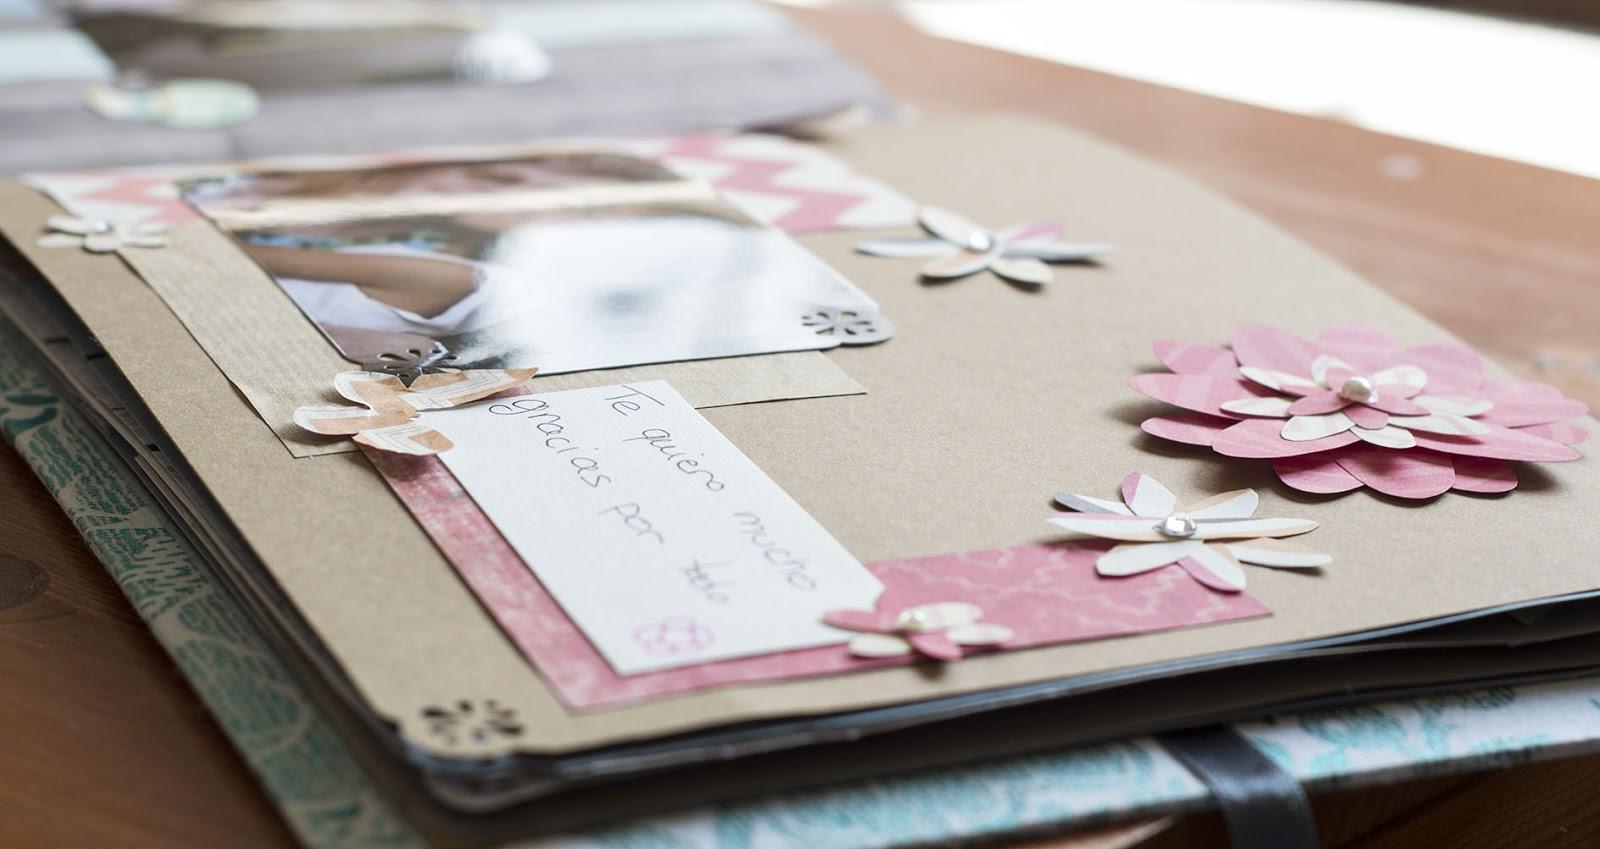 Como decorar las paginas de un album imagui - Decoracion de album de fotos ...